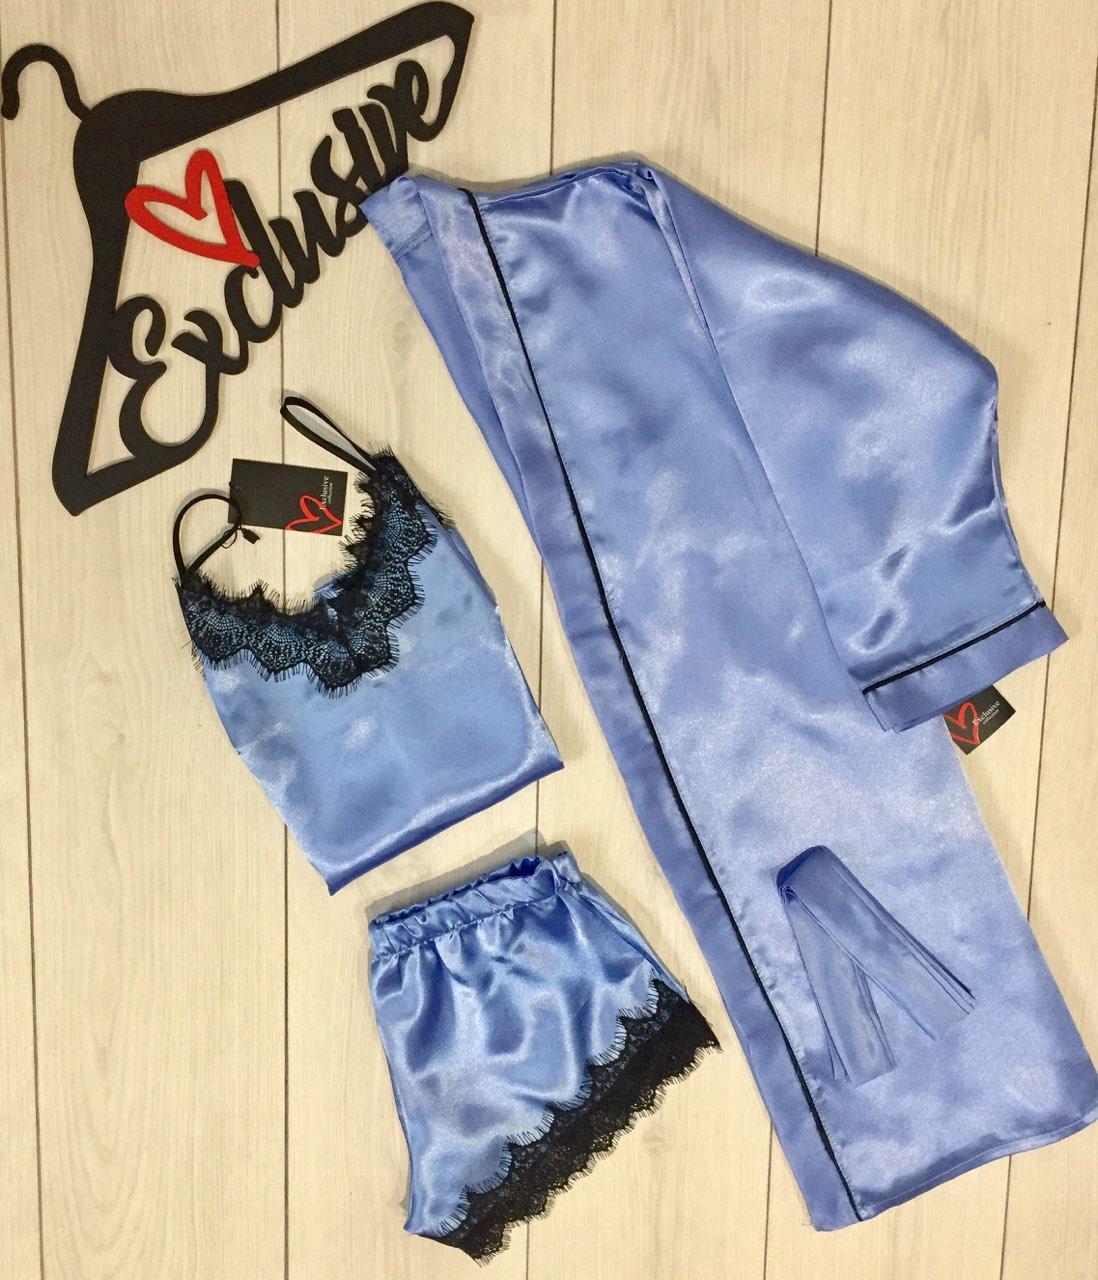 Атласный комплект для дома 007-017, женский халат + майка и шорты.